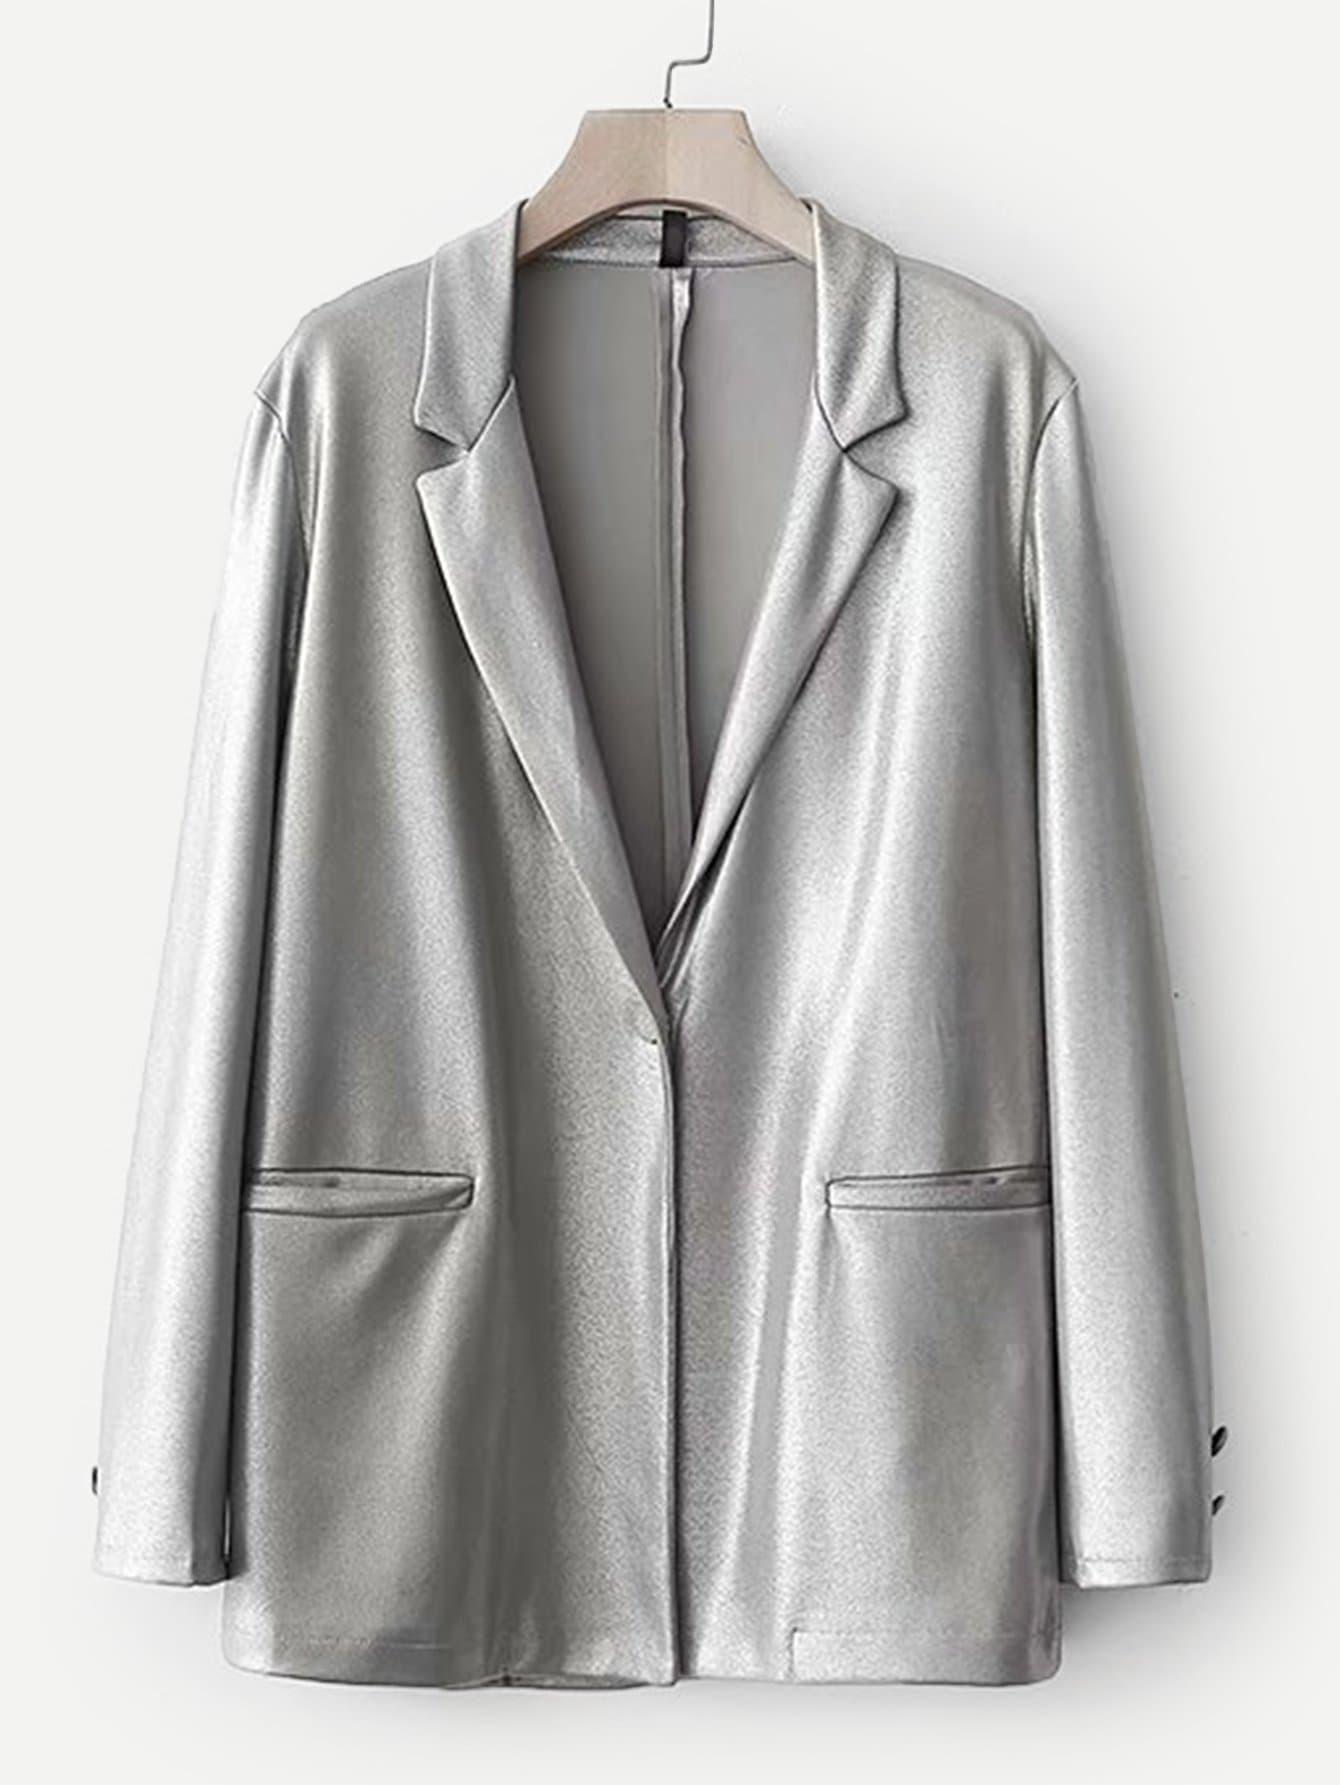 Купить Пиджак металлического цвета и со скрытого кармана, null, SheIn